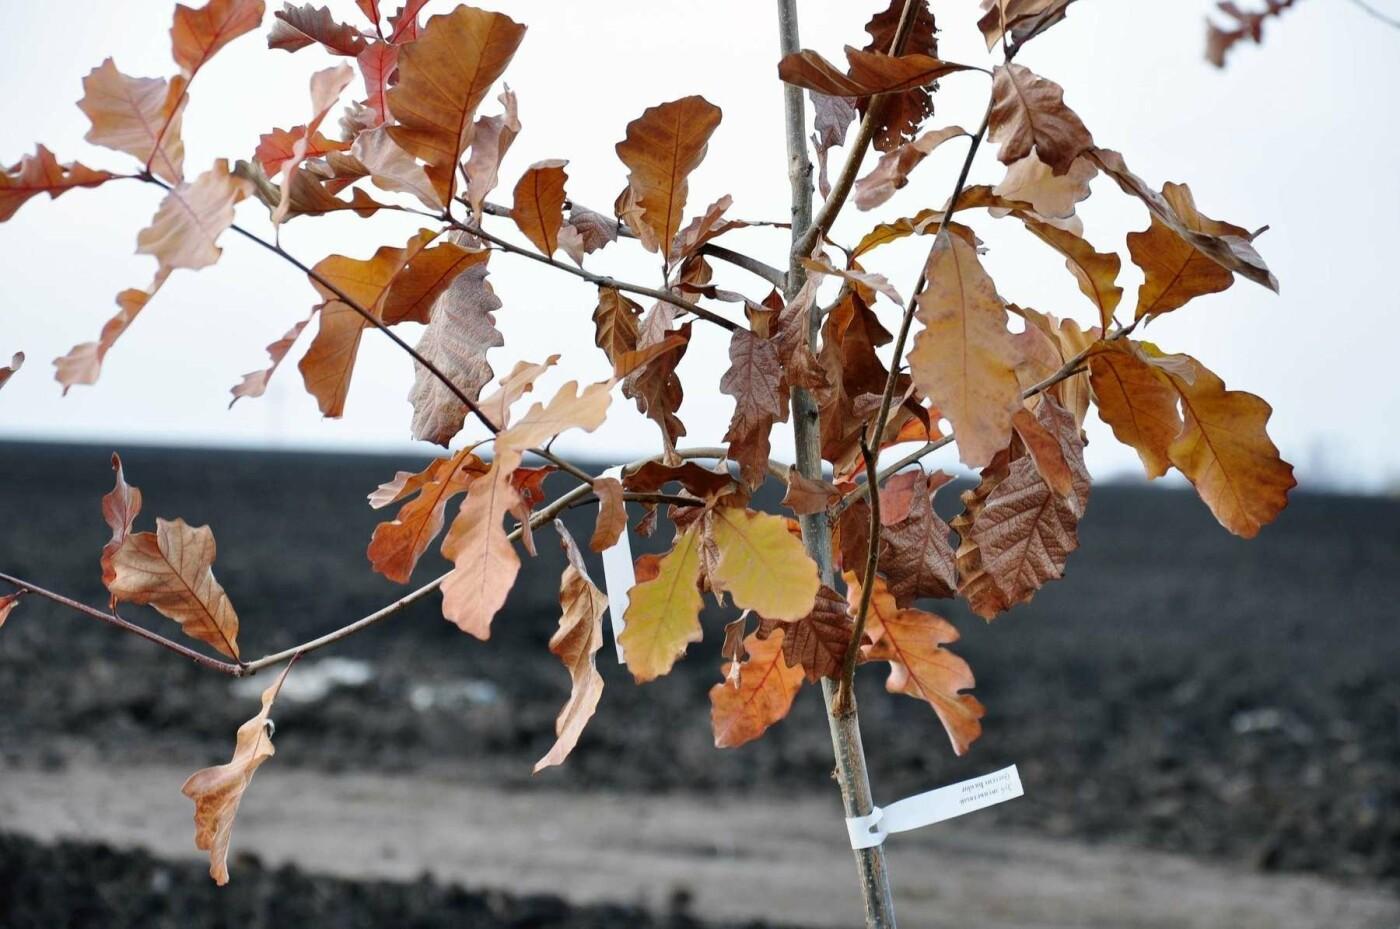 На месте берёзовой рощи в Белгороде высадили 800 саженцев дуба , фото-4